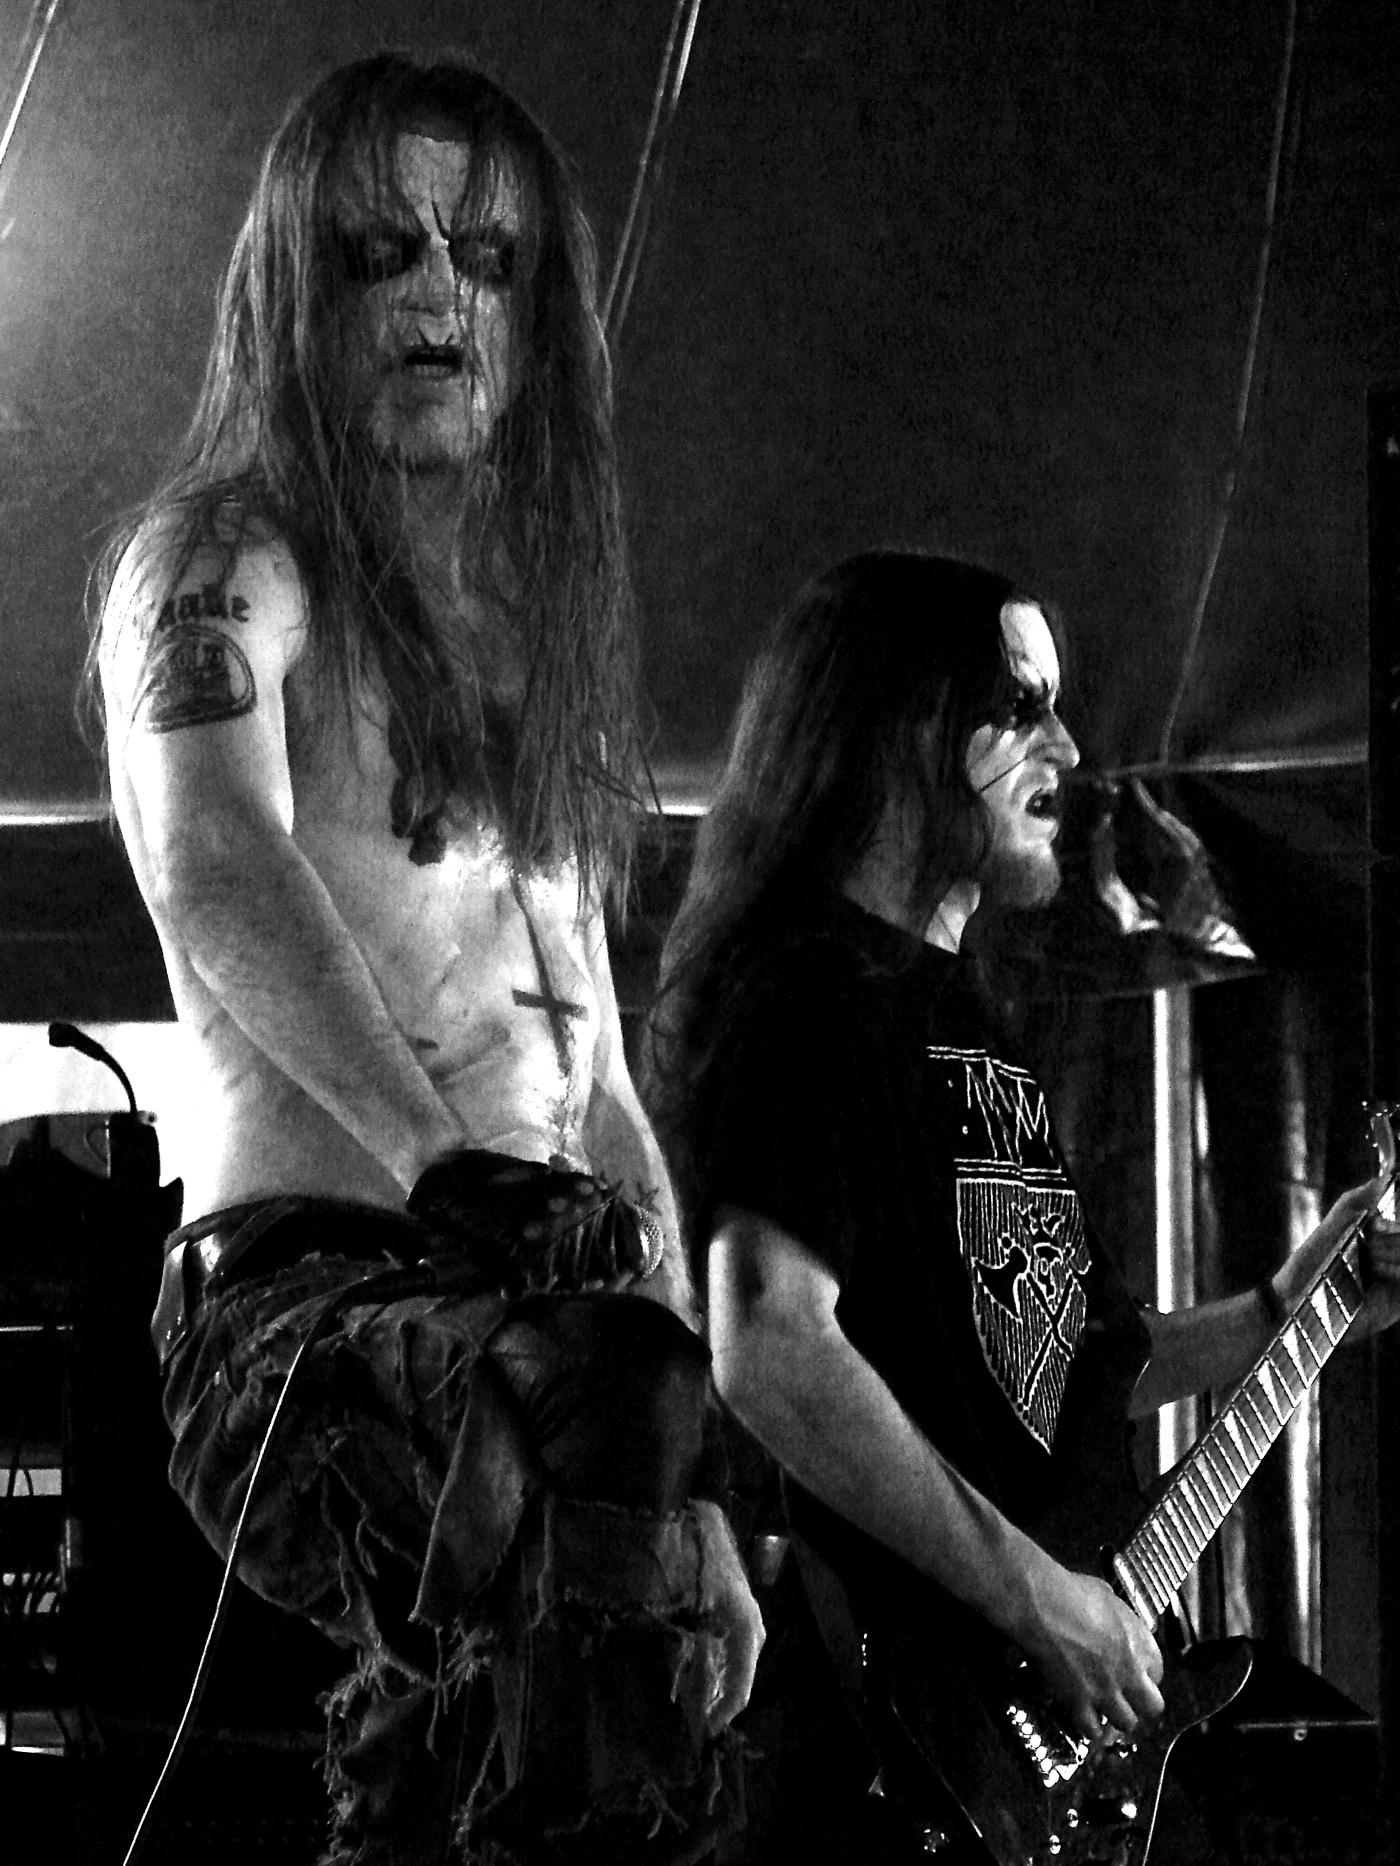 Taake på Hellfest i 2009. Foto: Vassil.